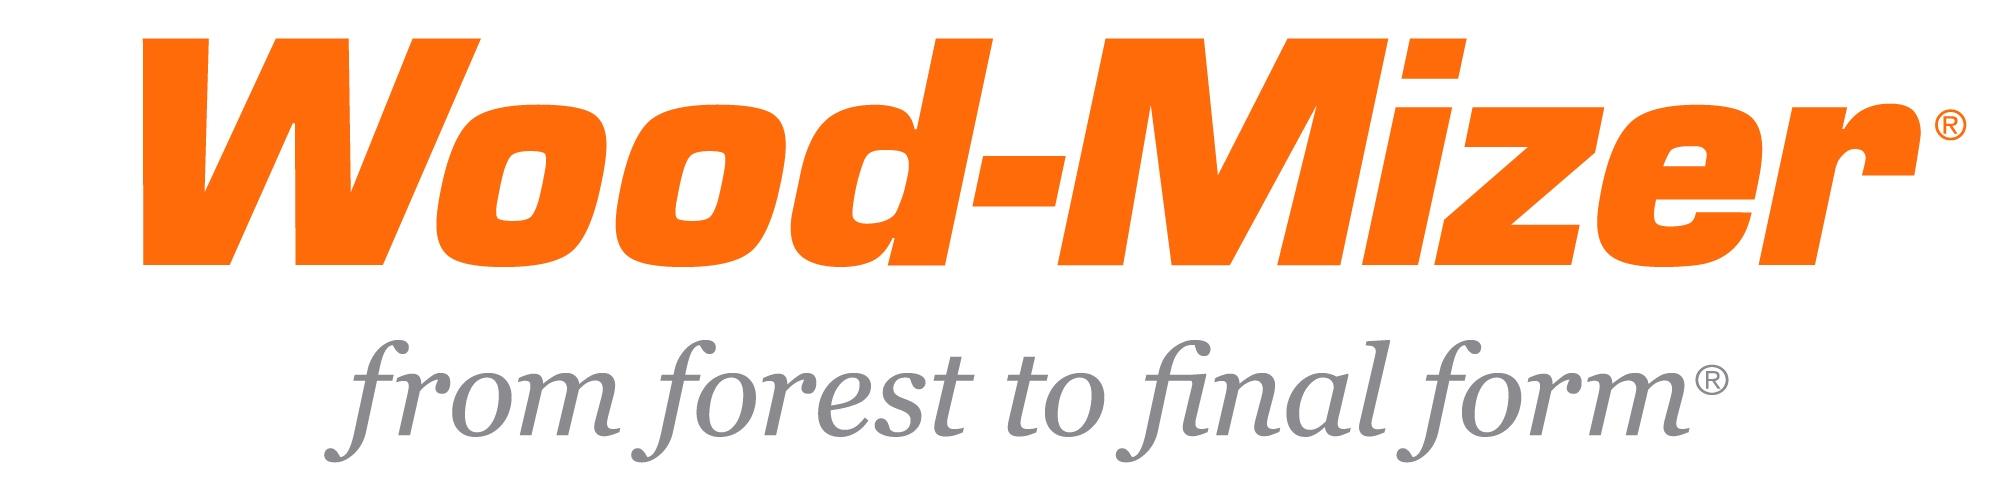 woodmizer-conosur.com